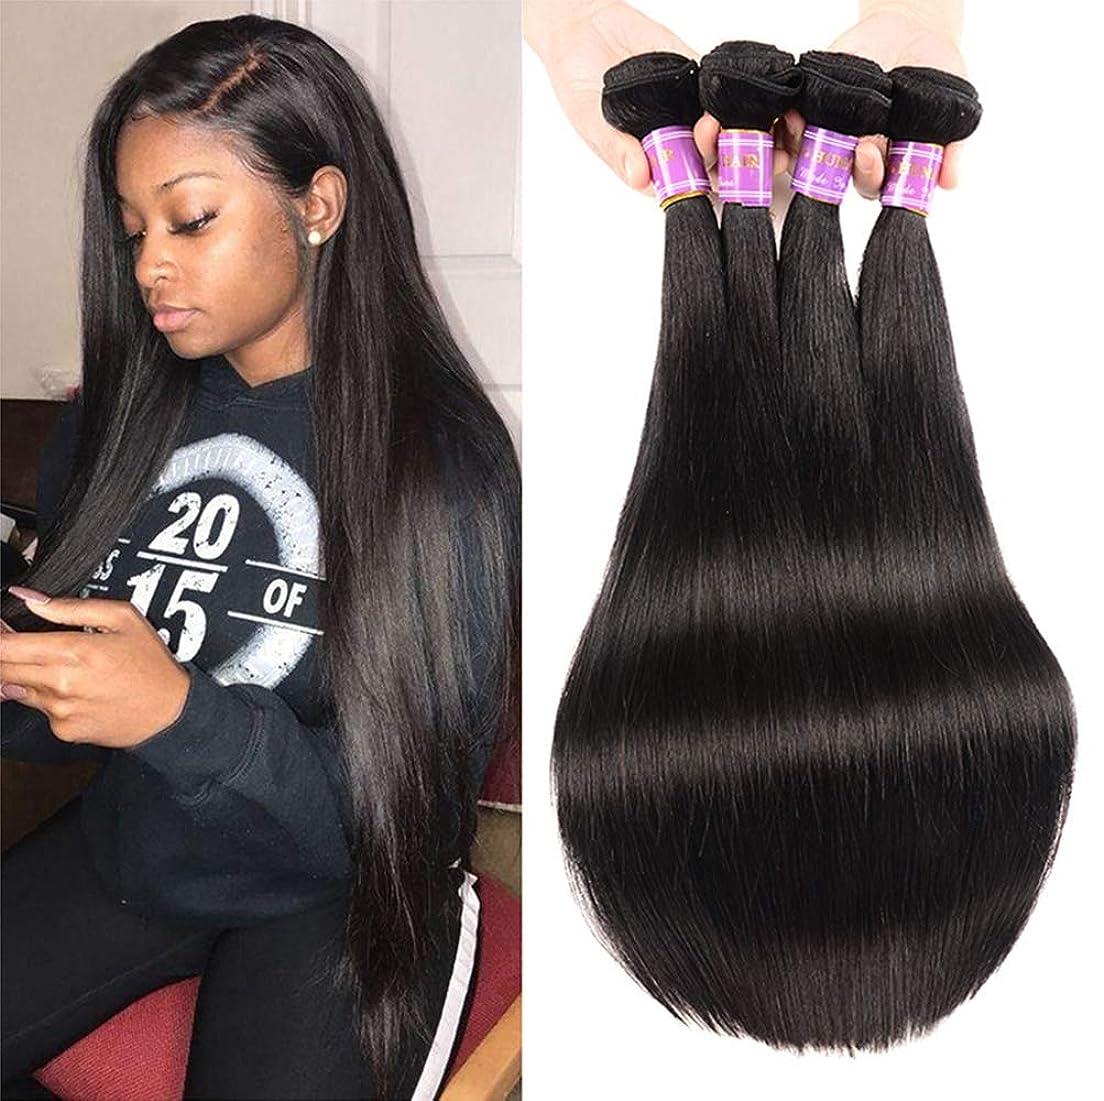 想定する協力ゼリー女性髪の毛編むブラジルの髪バンドルで閉鎖ストレートフリーパーツ未処理のブラジルのストレートヘアバンドル8Aストレート人間の髪バンドル